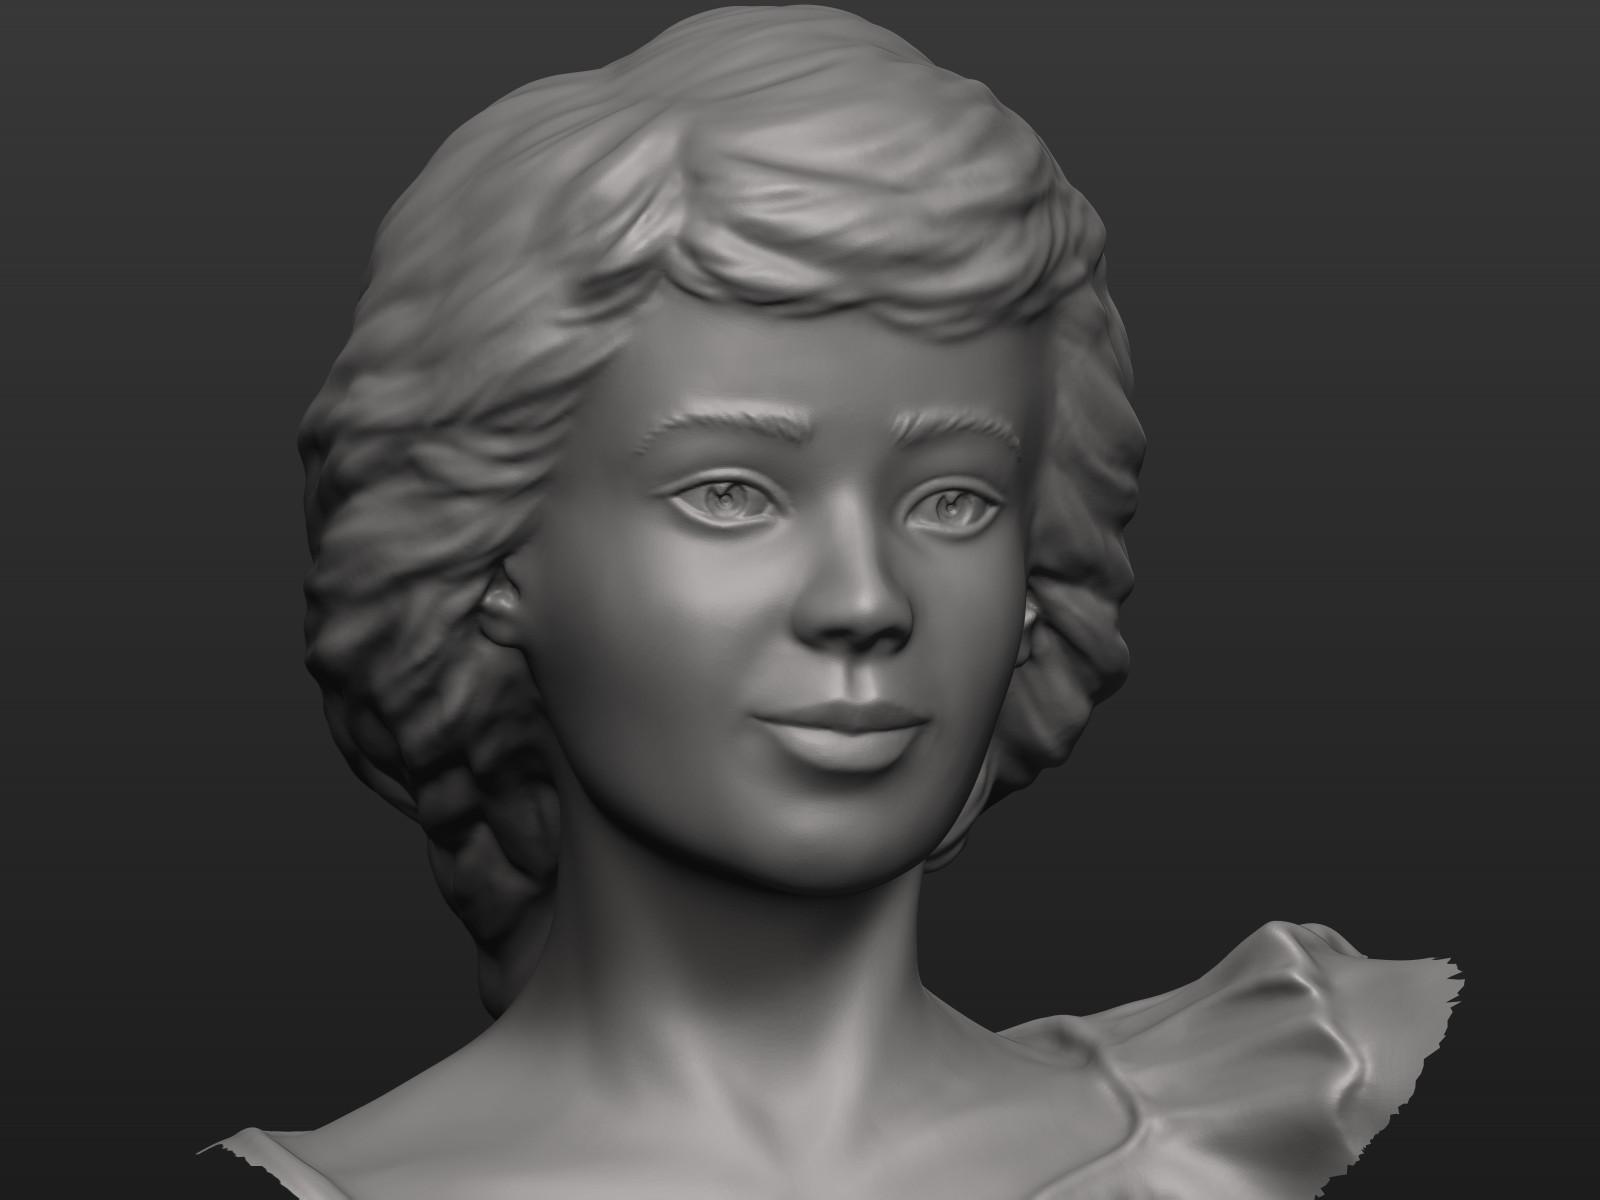 Top Figures - Girl 1